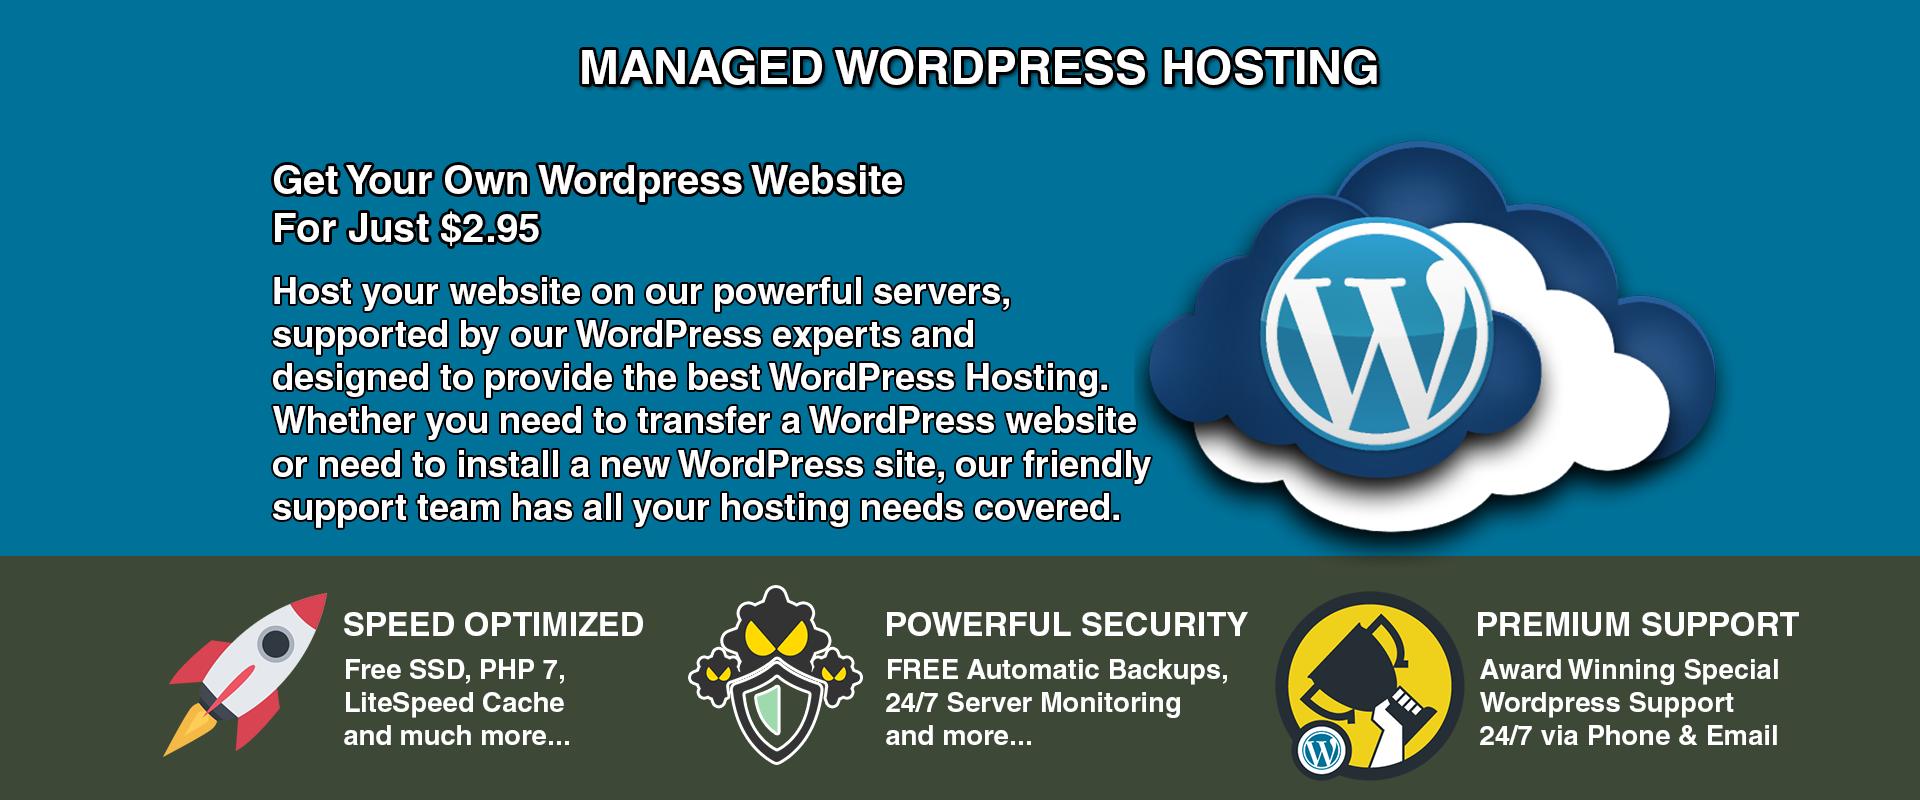 WordPress Hosting 2019 Free Auto SSL Blazing Fast